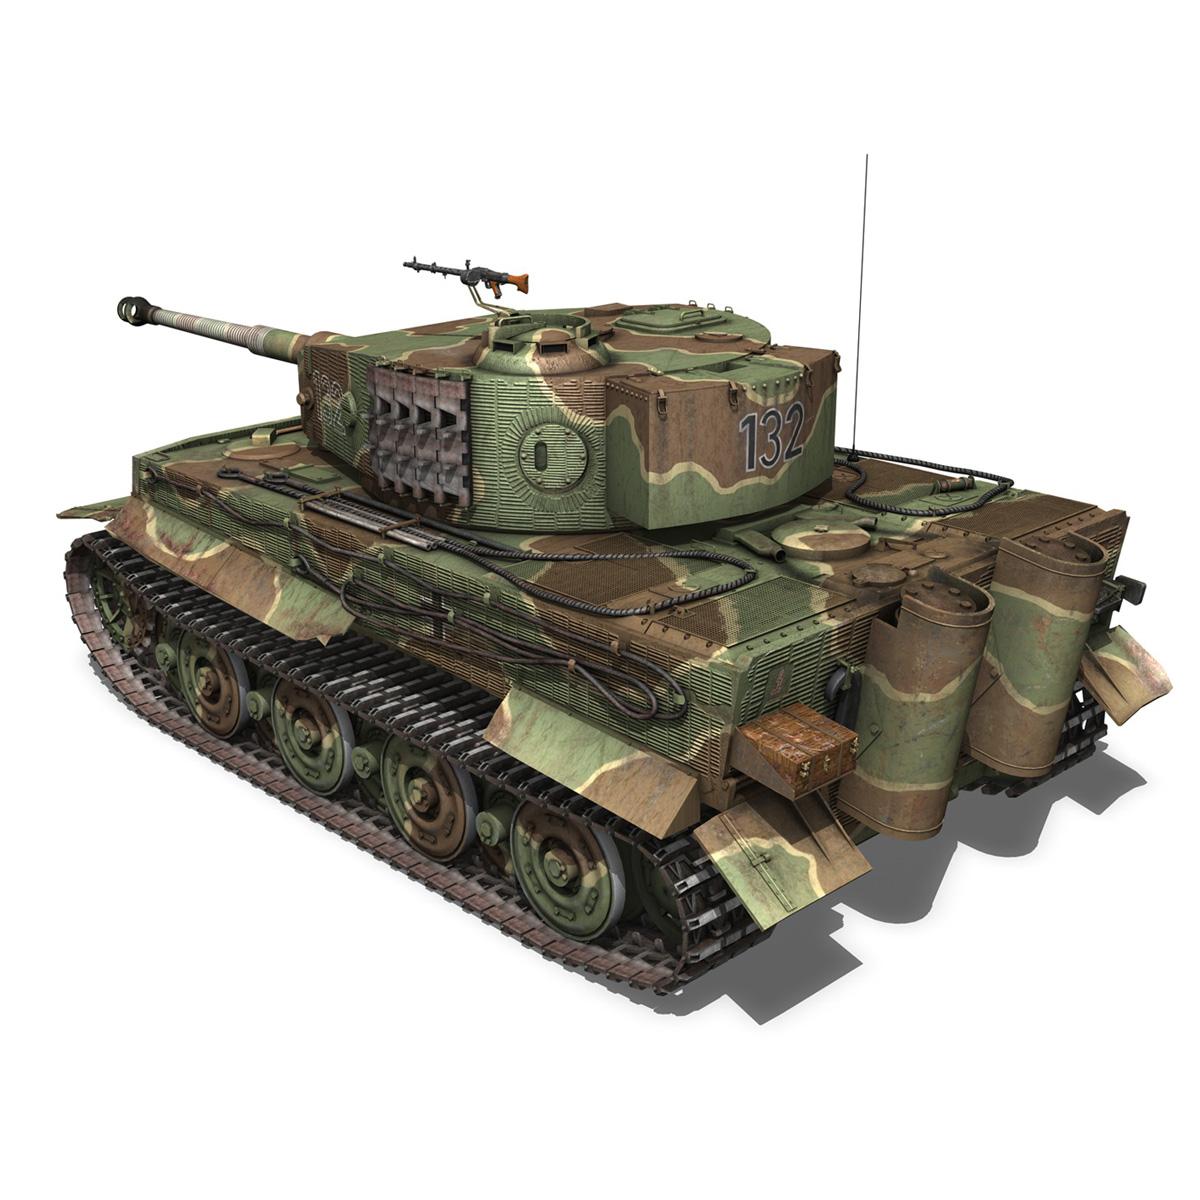 panzer vi – tiger – 132 – late production 3d model 3ds fbx c4d lwo obj 292968